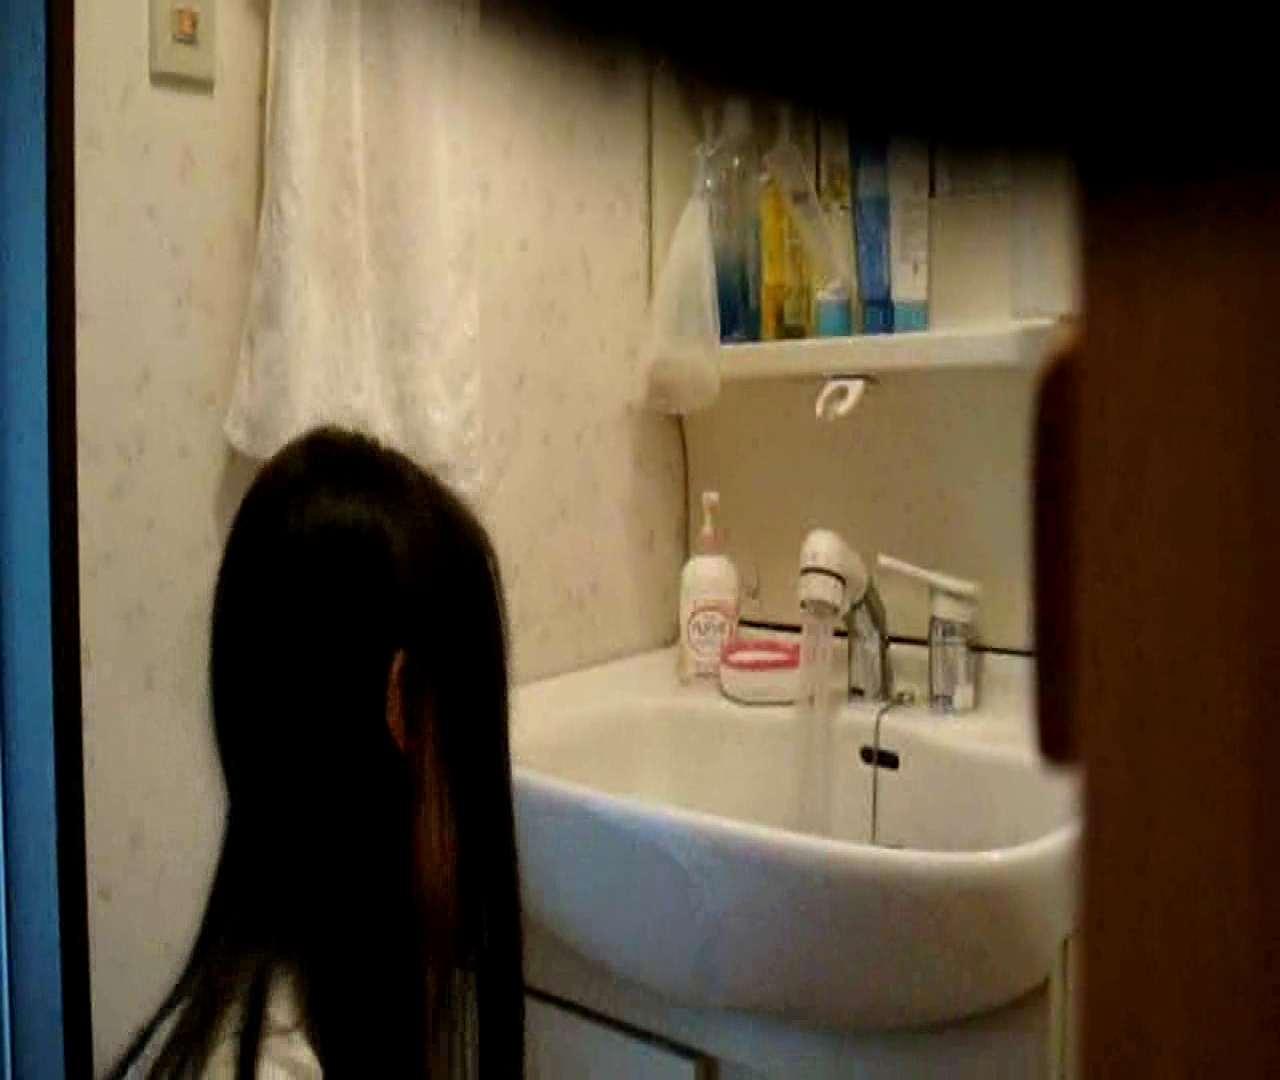 二人とも育てた甲斐がありました… vol.05 まどかが洗顔後にブラを洗濯 HなOL | 0  98pic 21